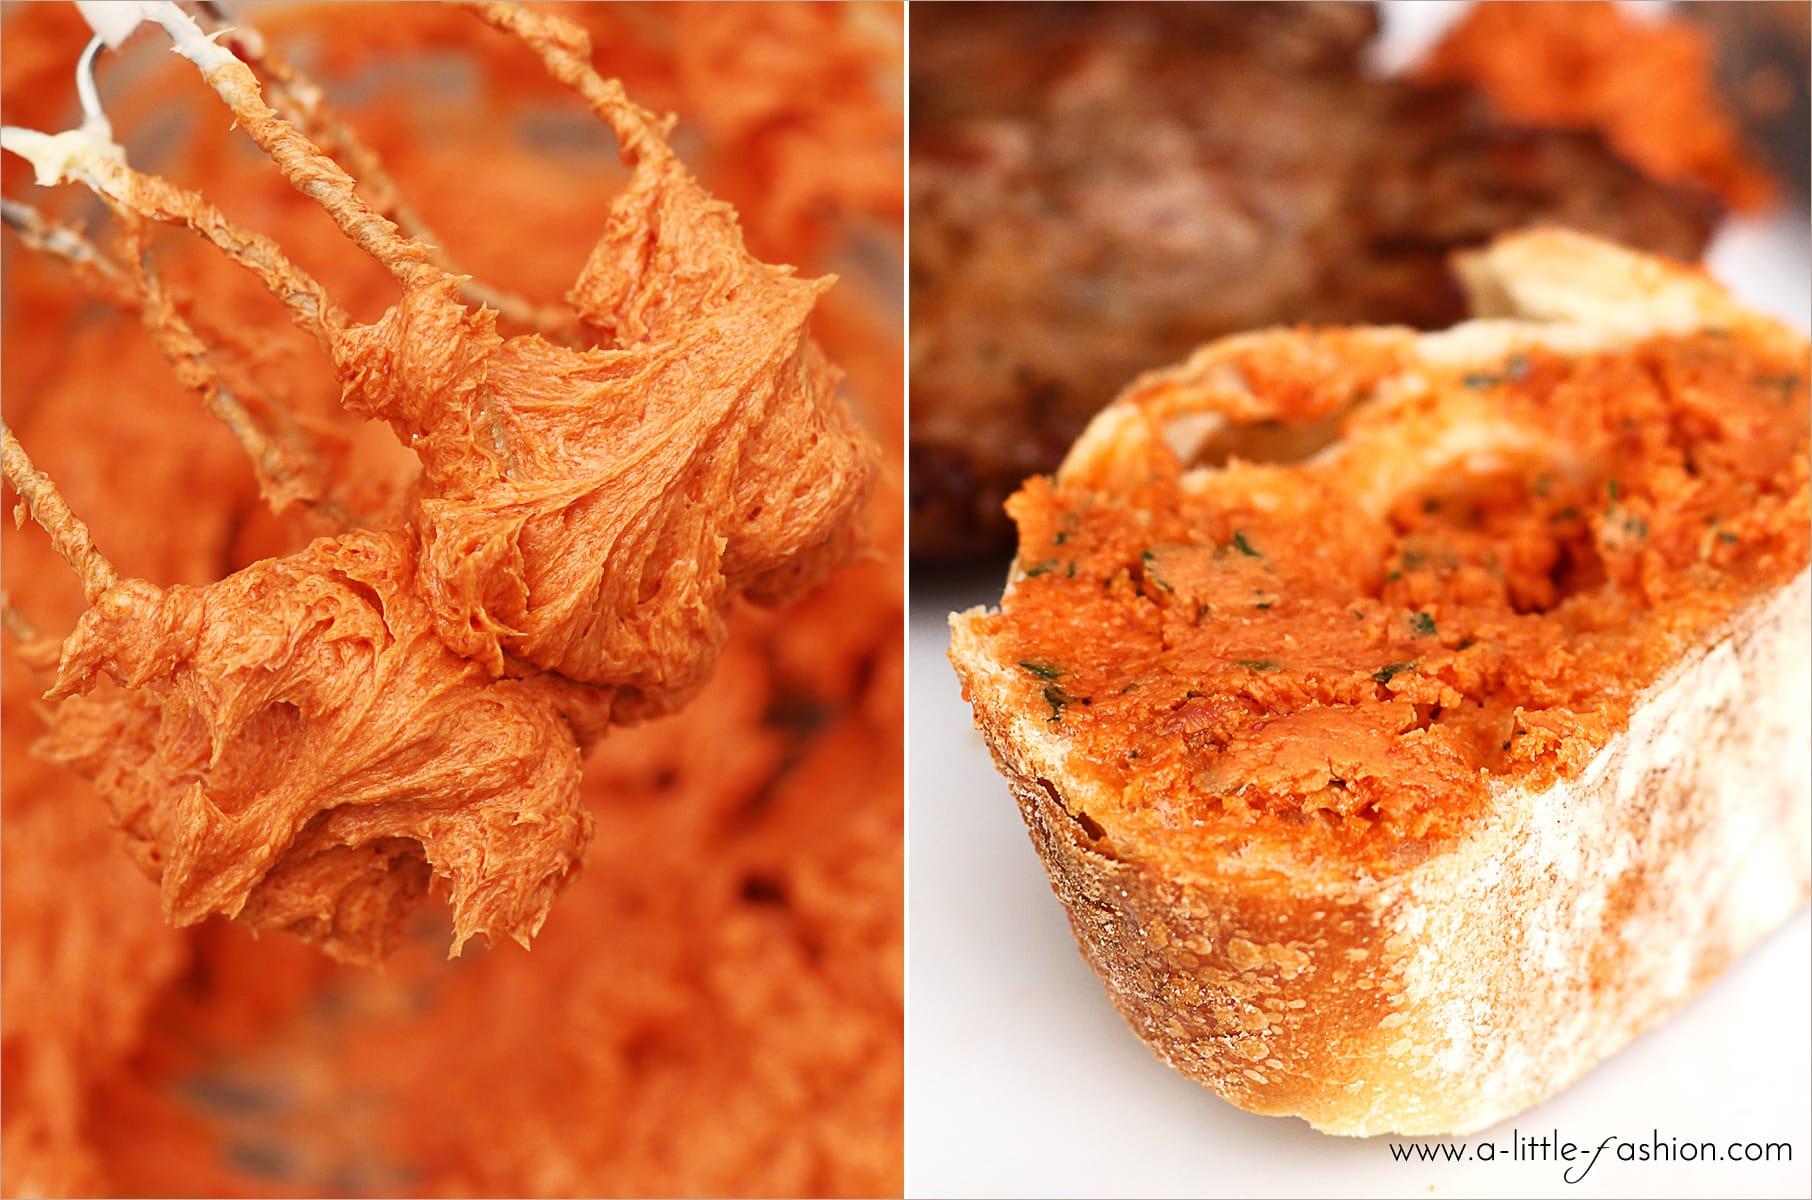 food_kochzauber-grillbox_entspannt-geniessen_kochbox_grill-menu23-min